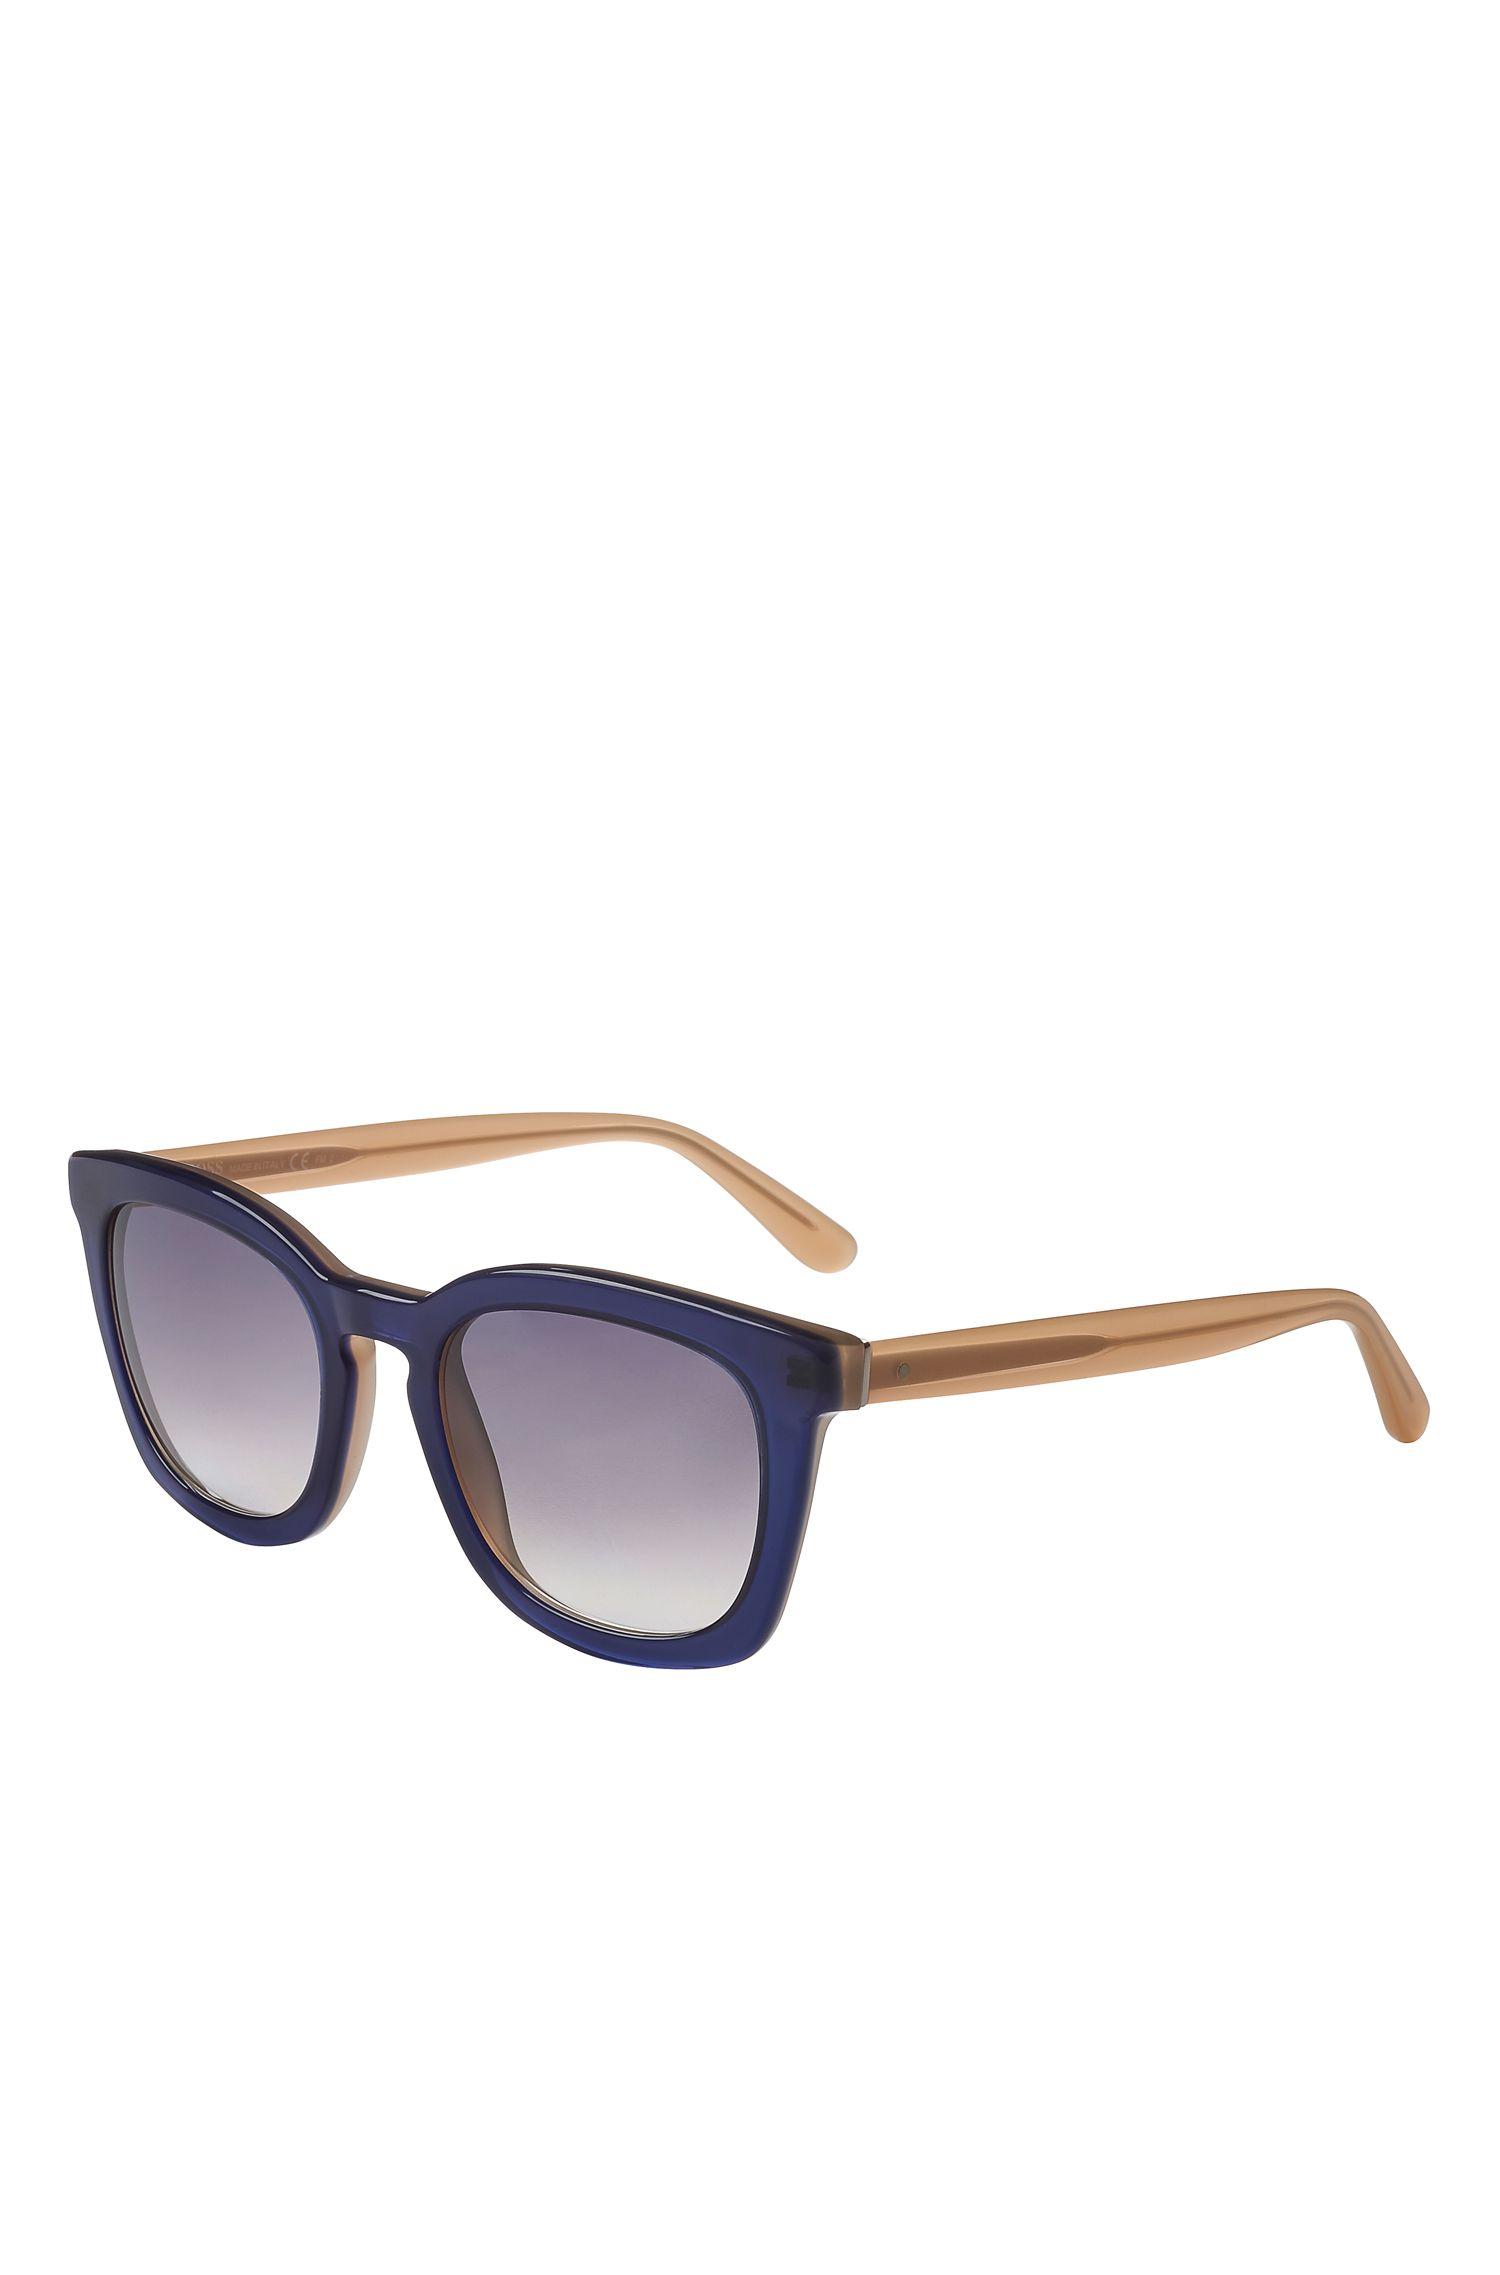 'BOSS 0743S' | Gradient Blue Lens Rectangular Sunglasses